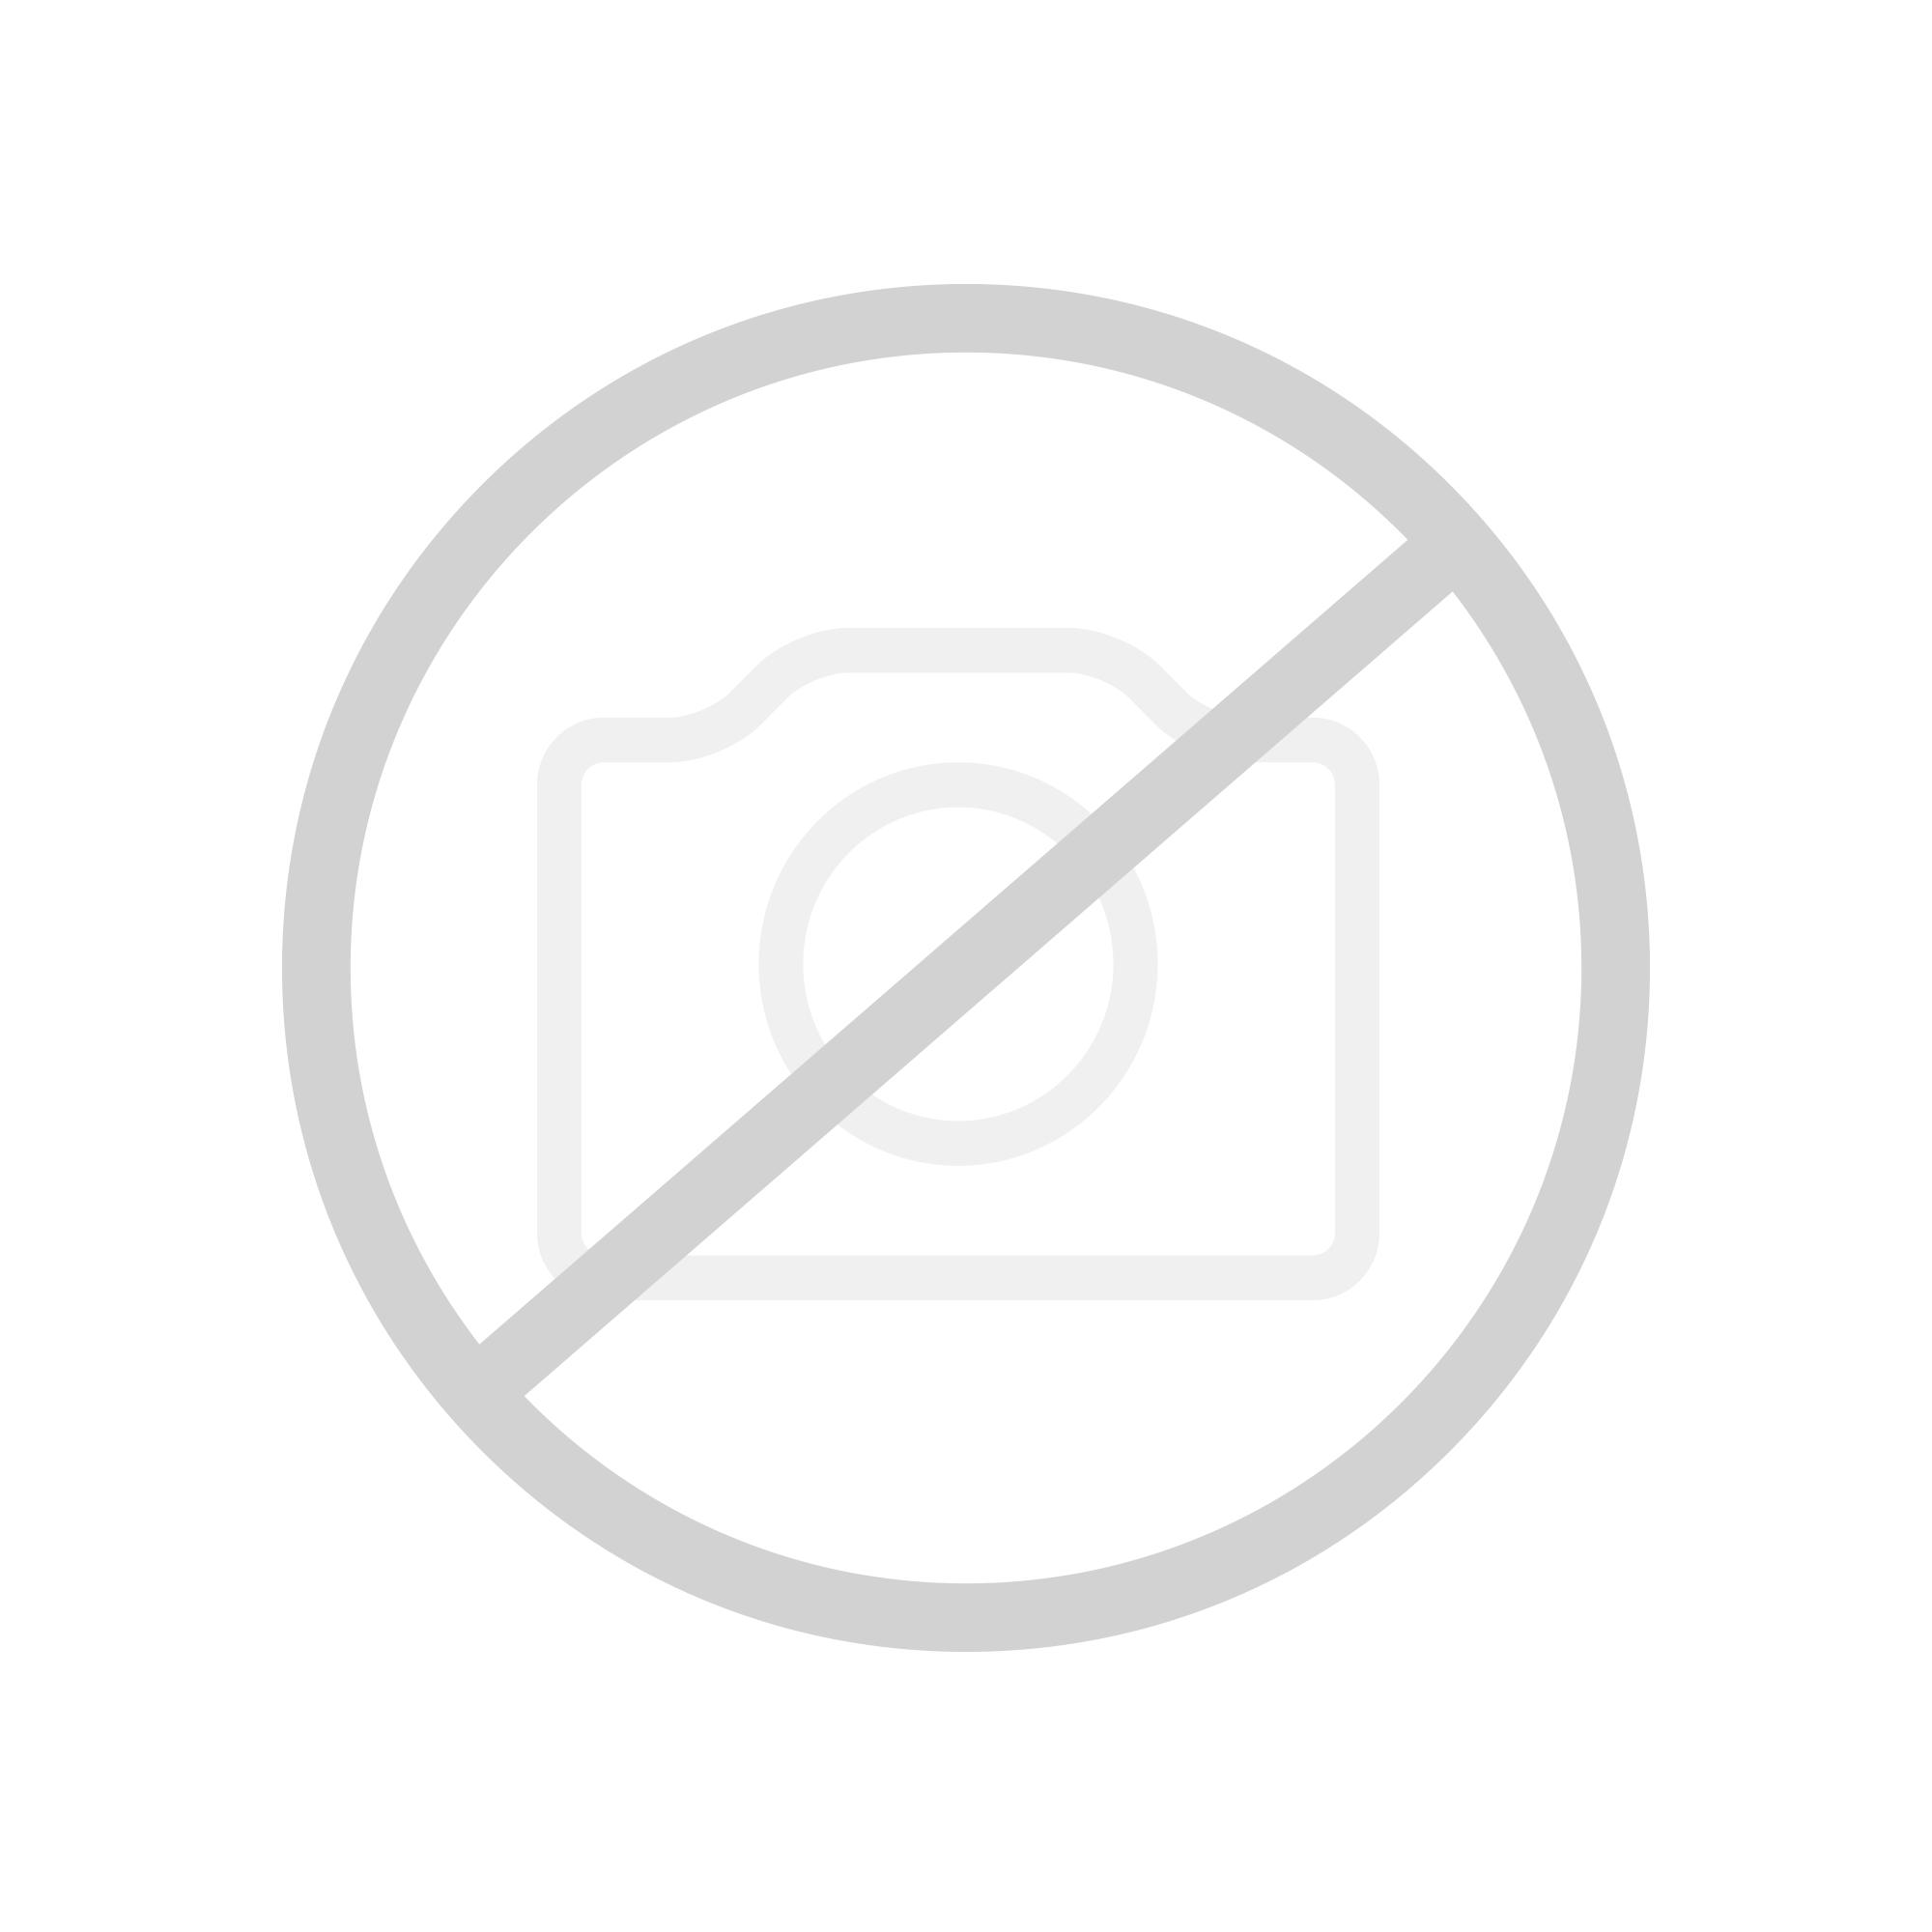 Kaufberatung: Armaturen für die Küche | REUTER Magazin | {Armaturen küche 41}